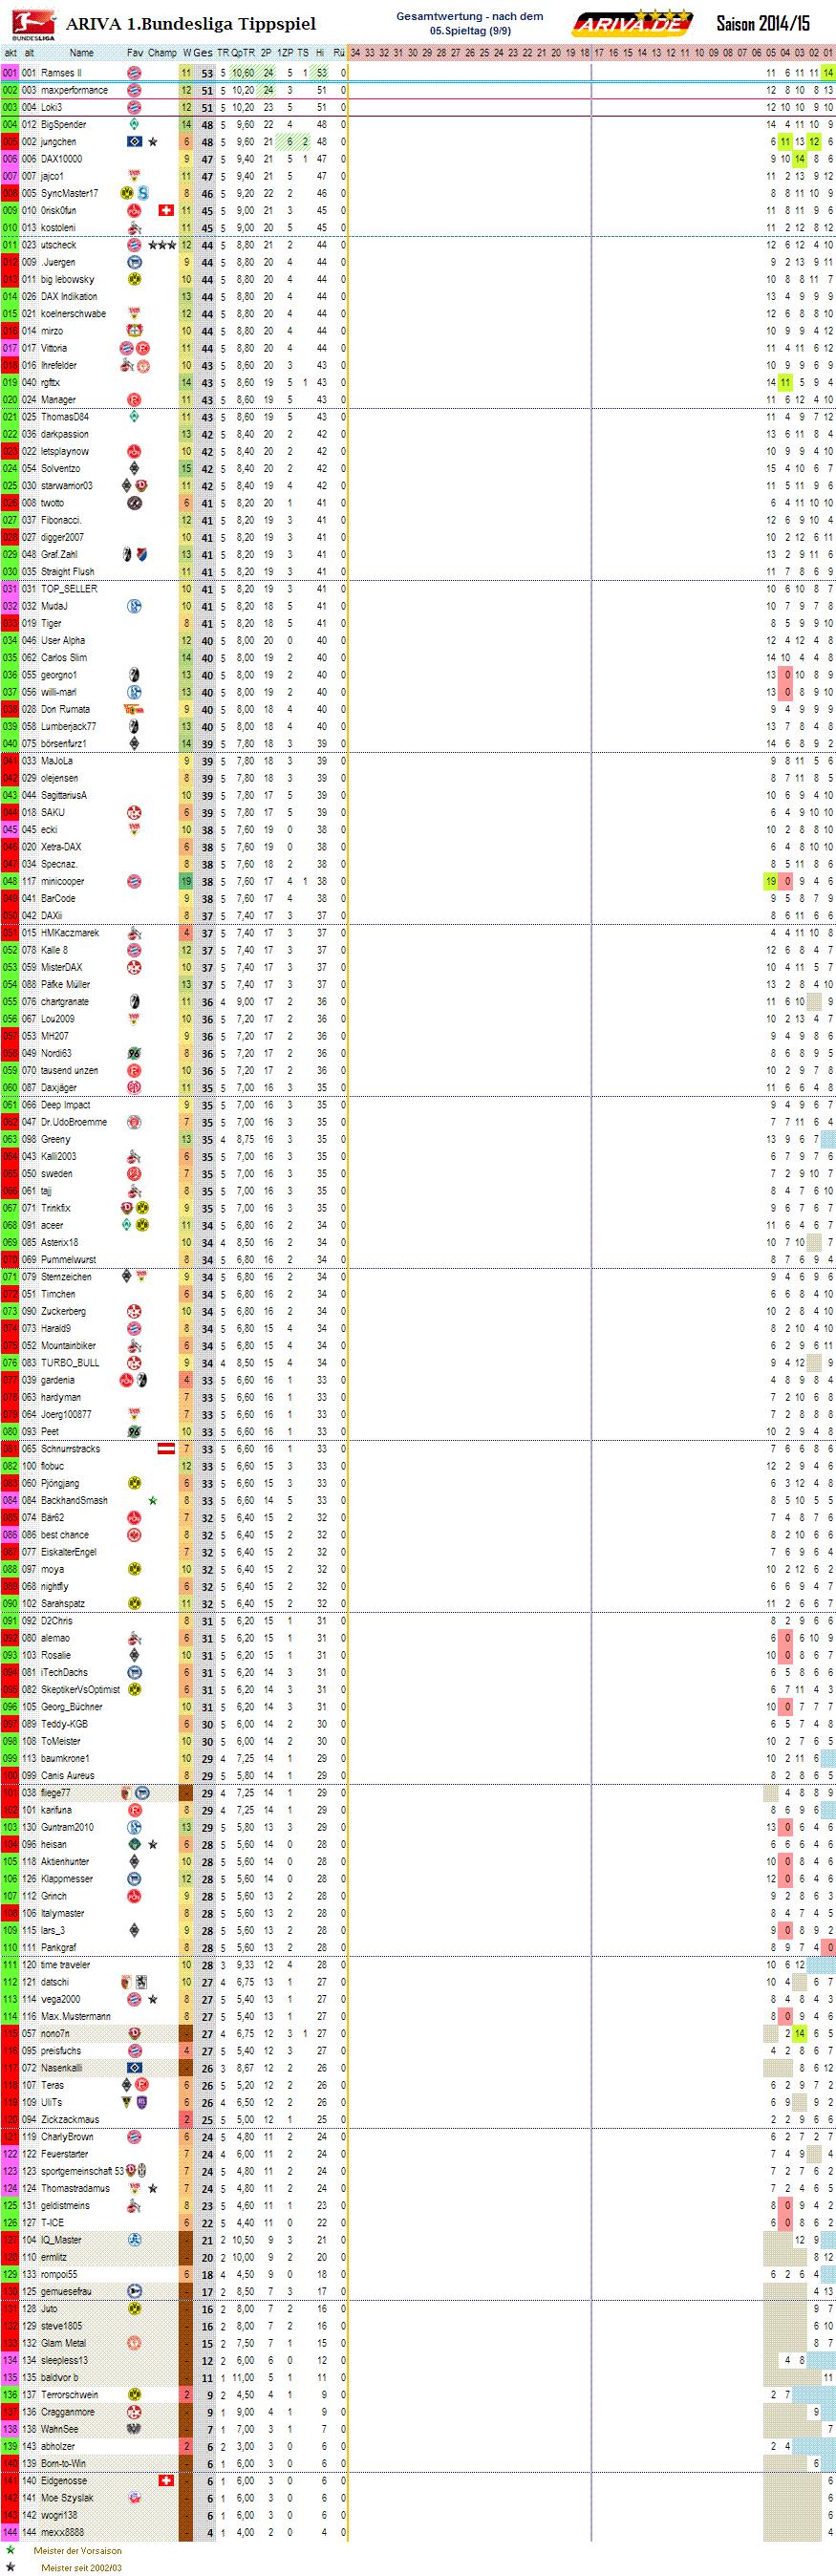 1bl_gesamtwertung_05.png